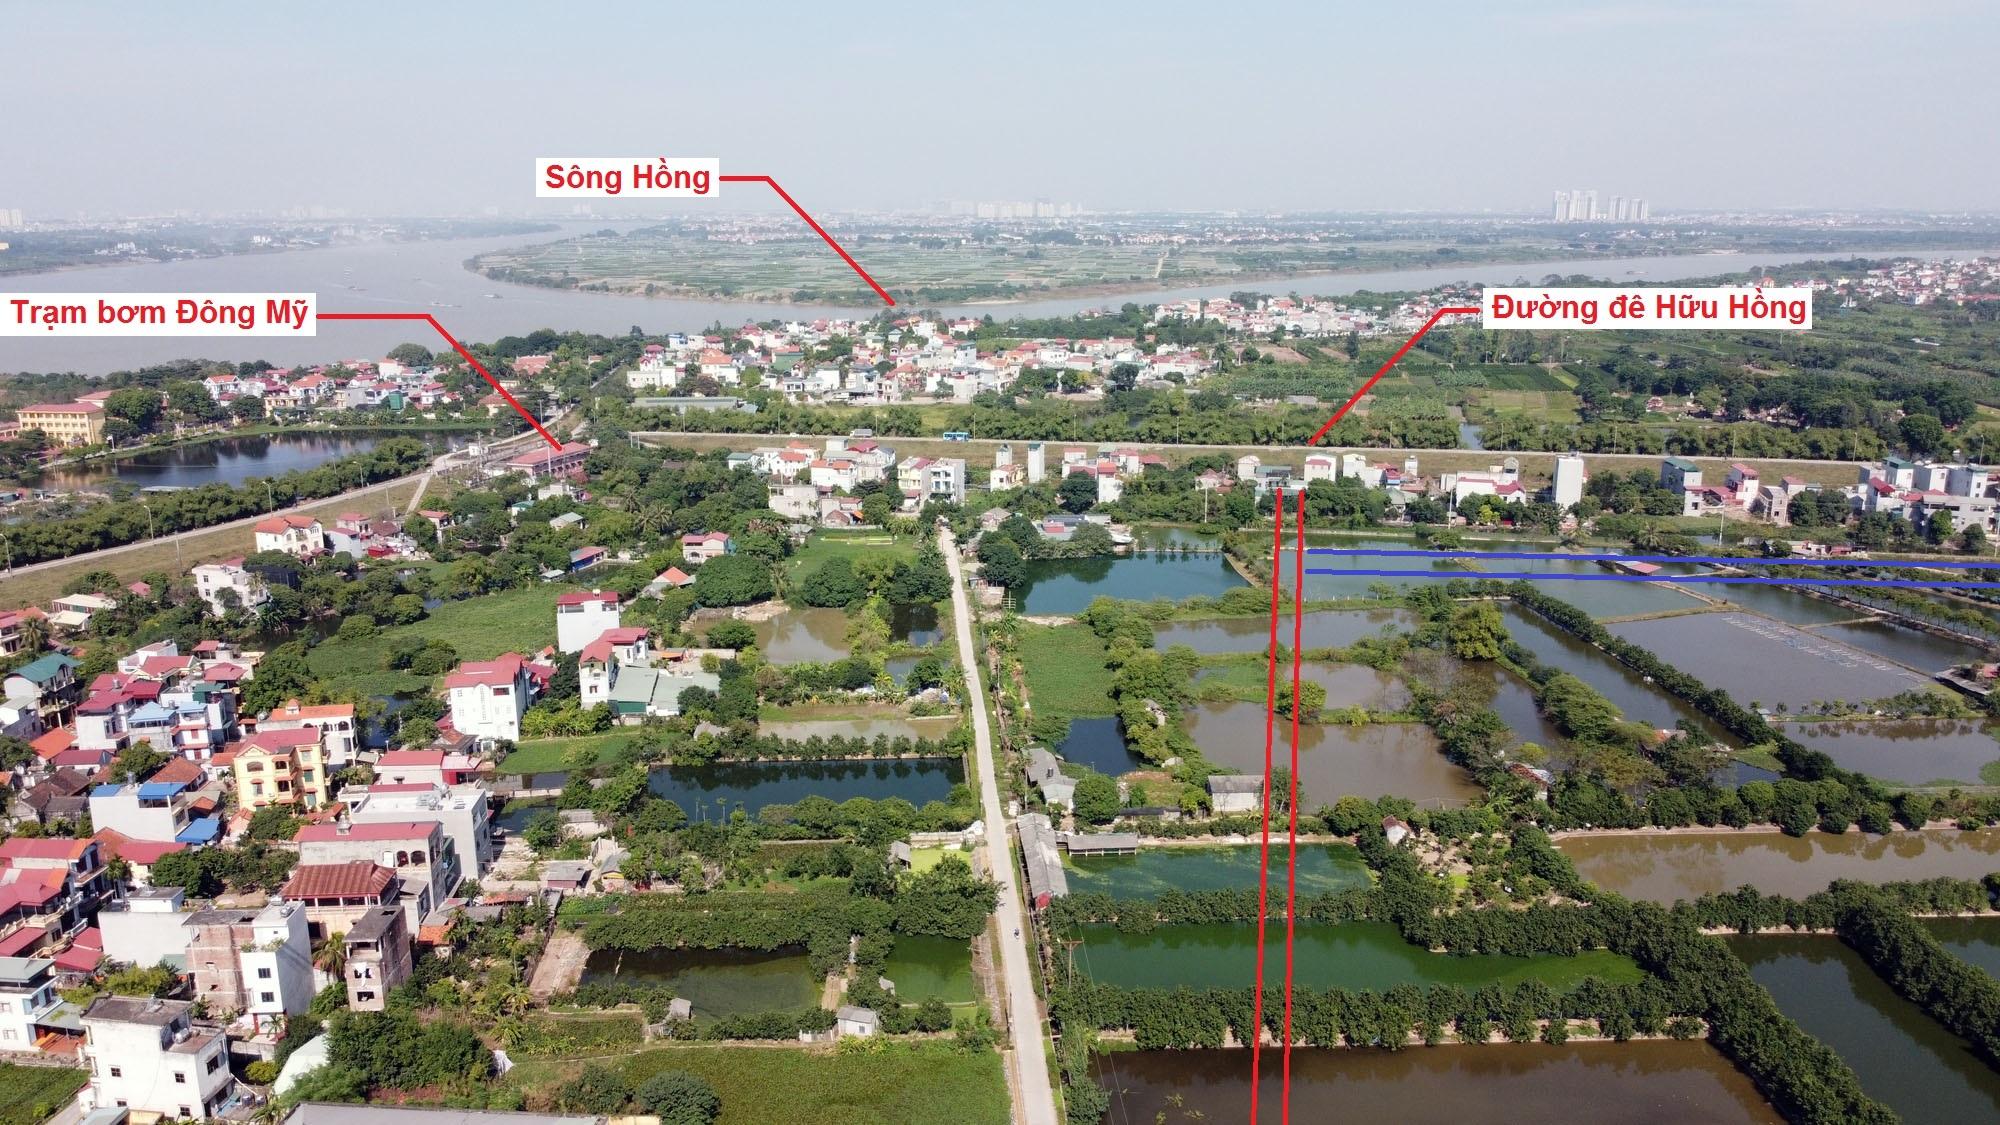 Ba đường sẽ mở theo quy hoạch ở xã Đông Mỹ, Thanh Trì, Hà Nội - Ảnh 12.